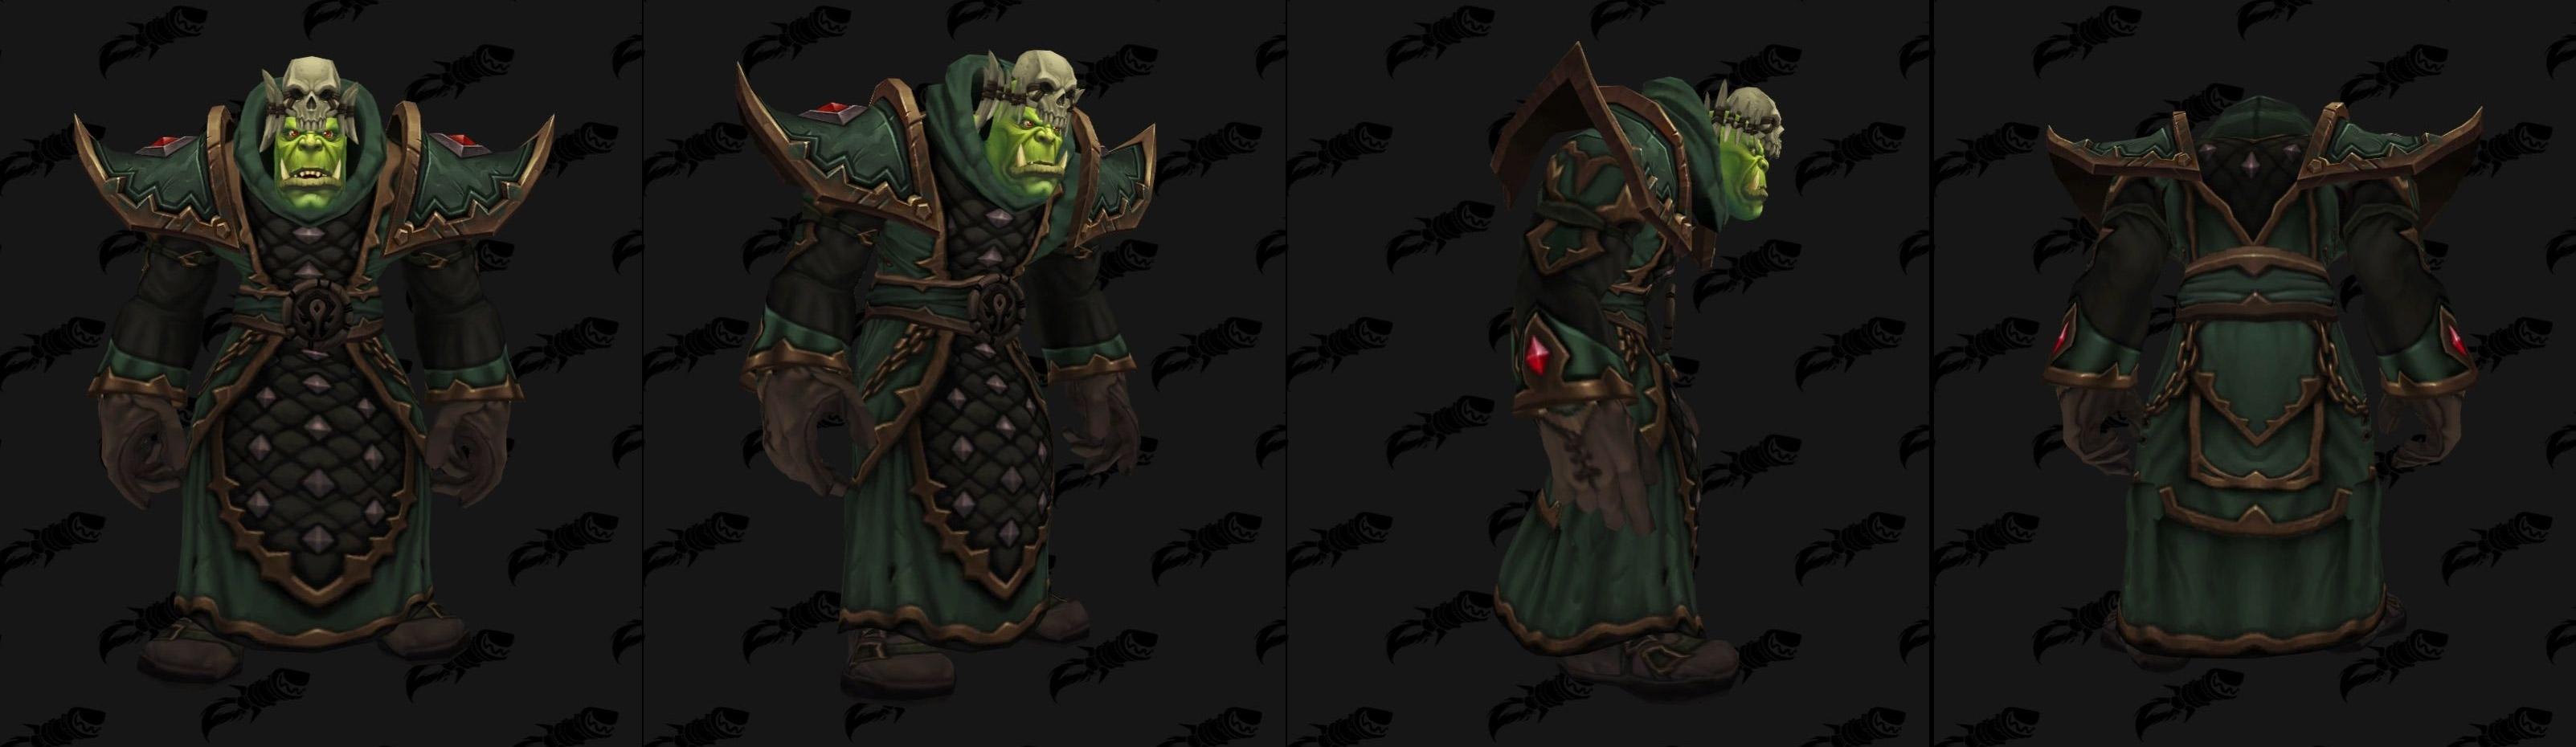 Armures tissu (Horde) - Fronts de guerre Tier 1 - Coloris 3